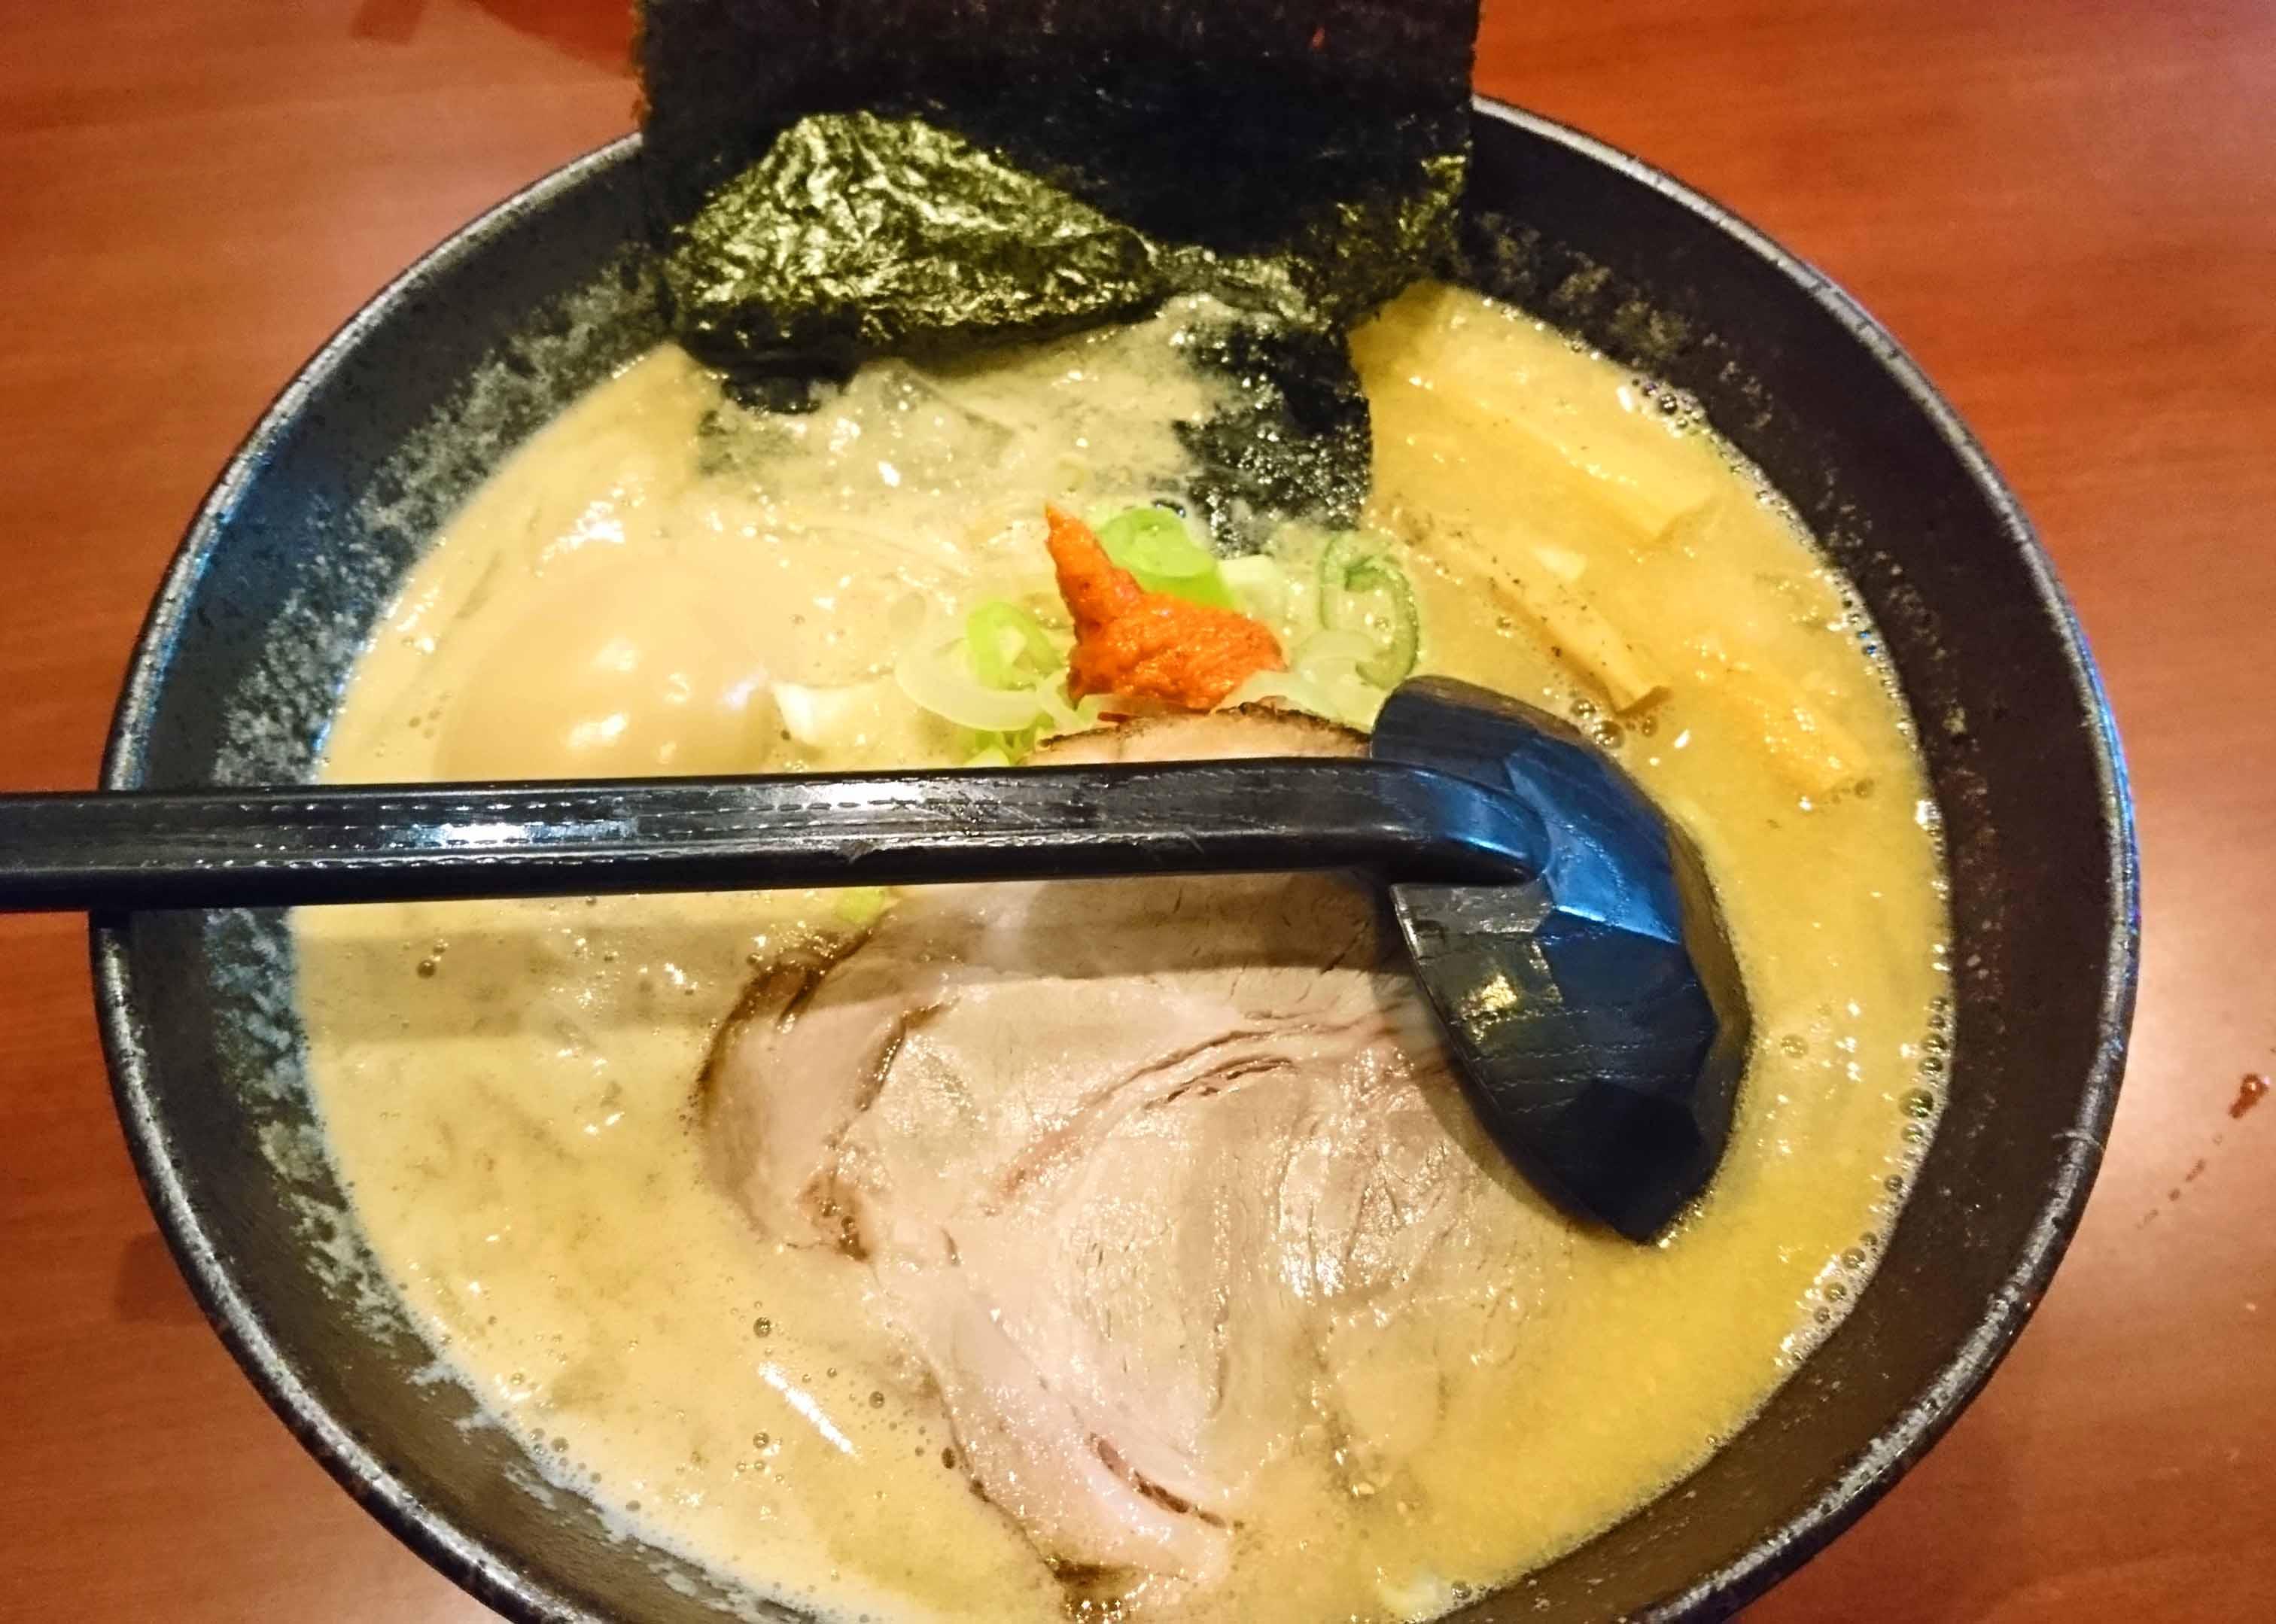 【北海道・帯広】帯広のスープカレー屋さん「スープカレービリーブ」に行ってみたよ♪ ~スープが美味いね~